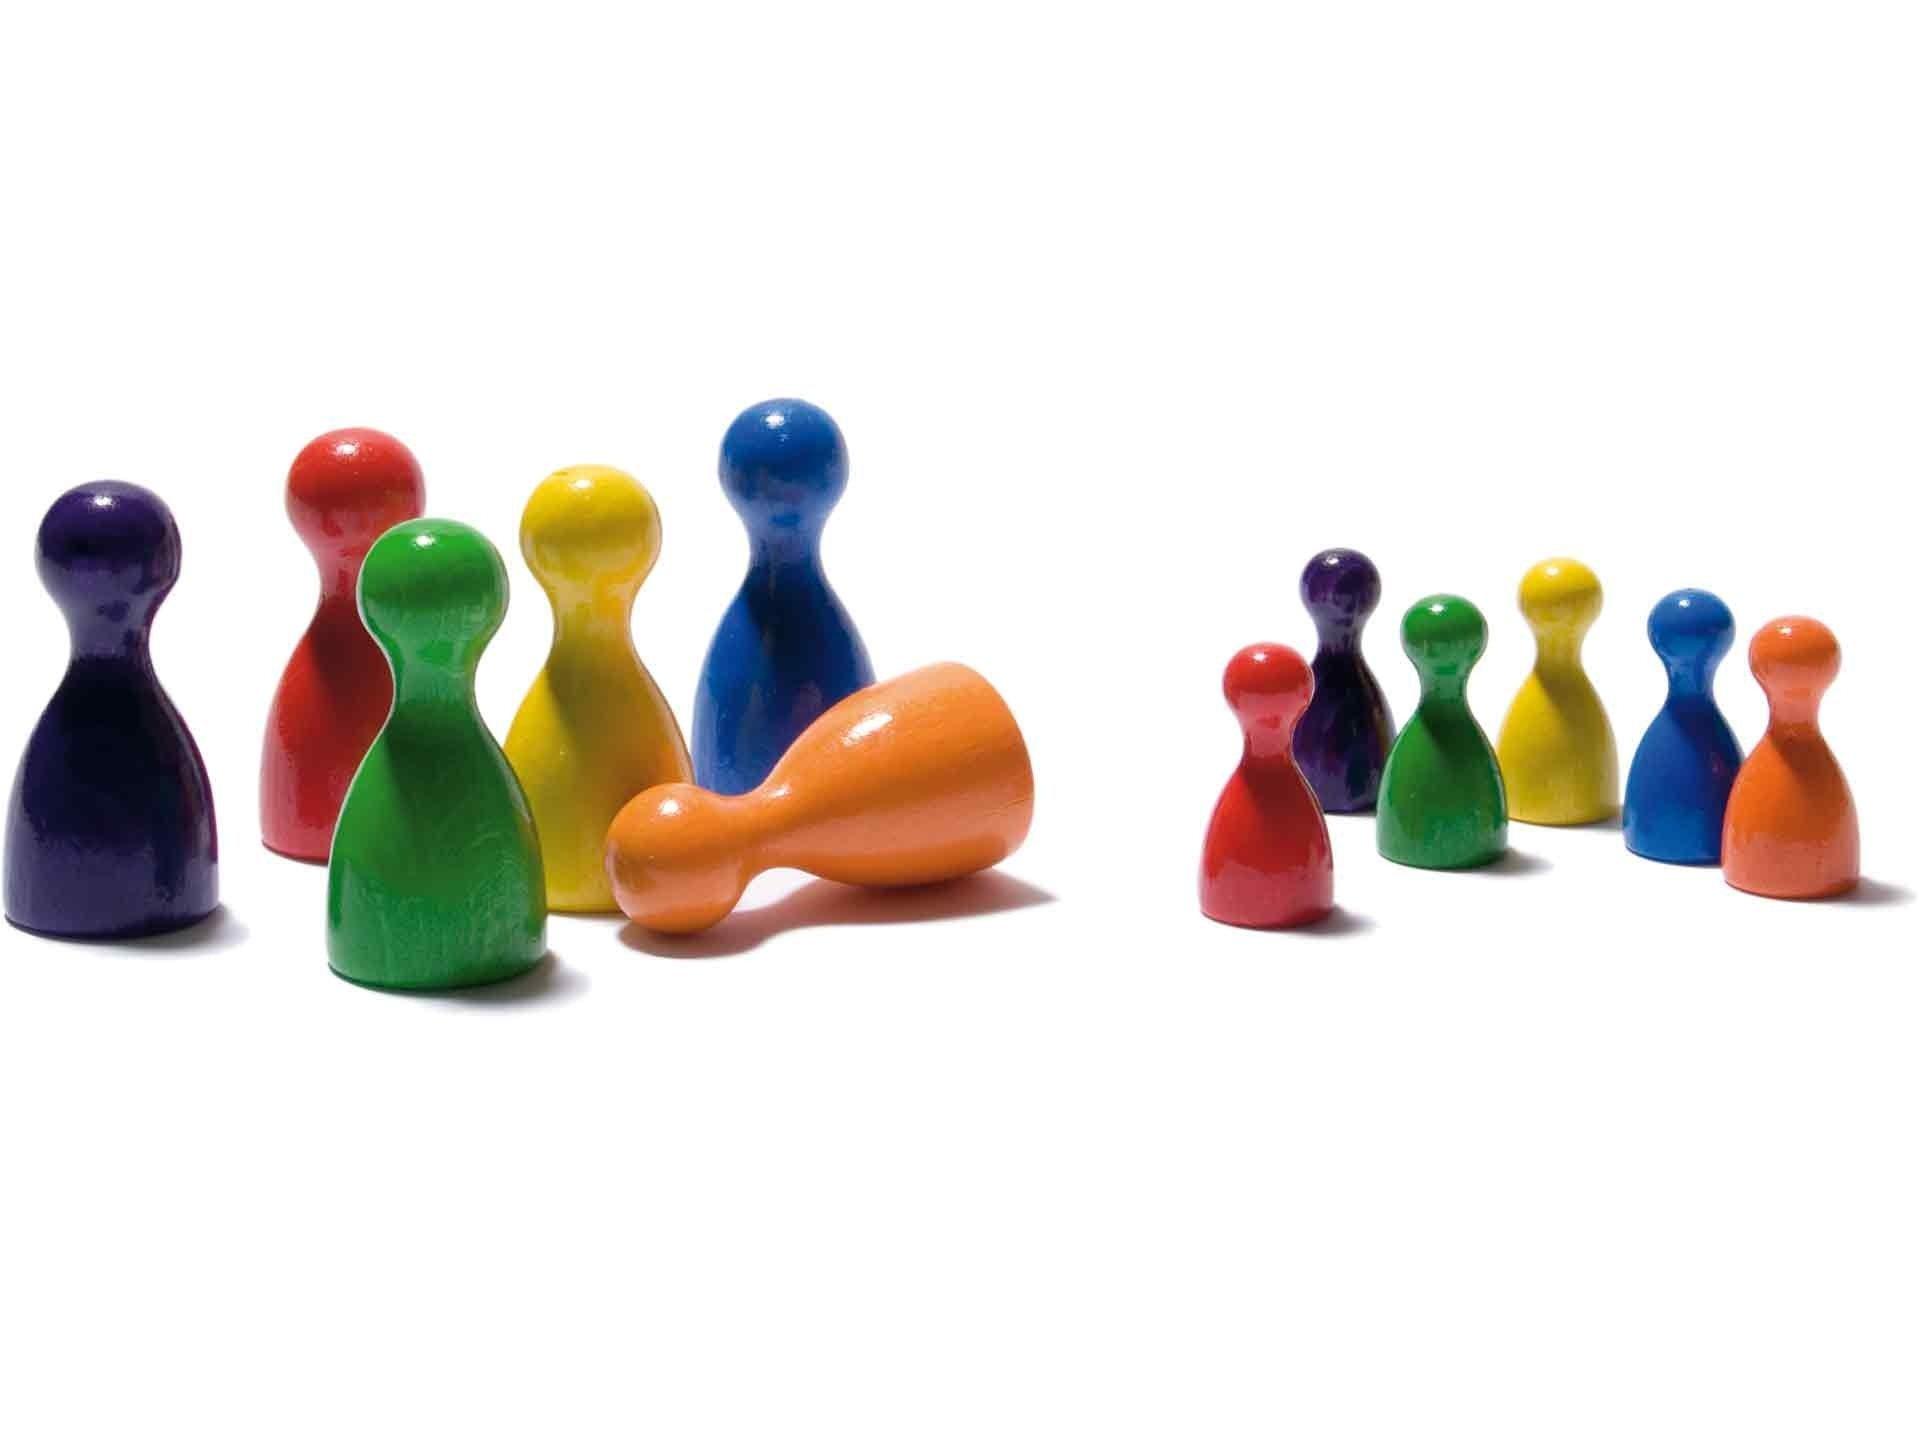 Spielfiguren holz farbig online kaufen modulor - Spielfiguren basteln ...